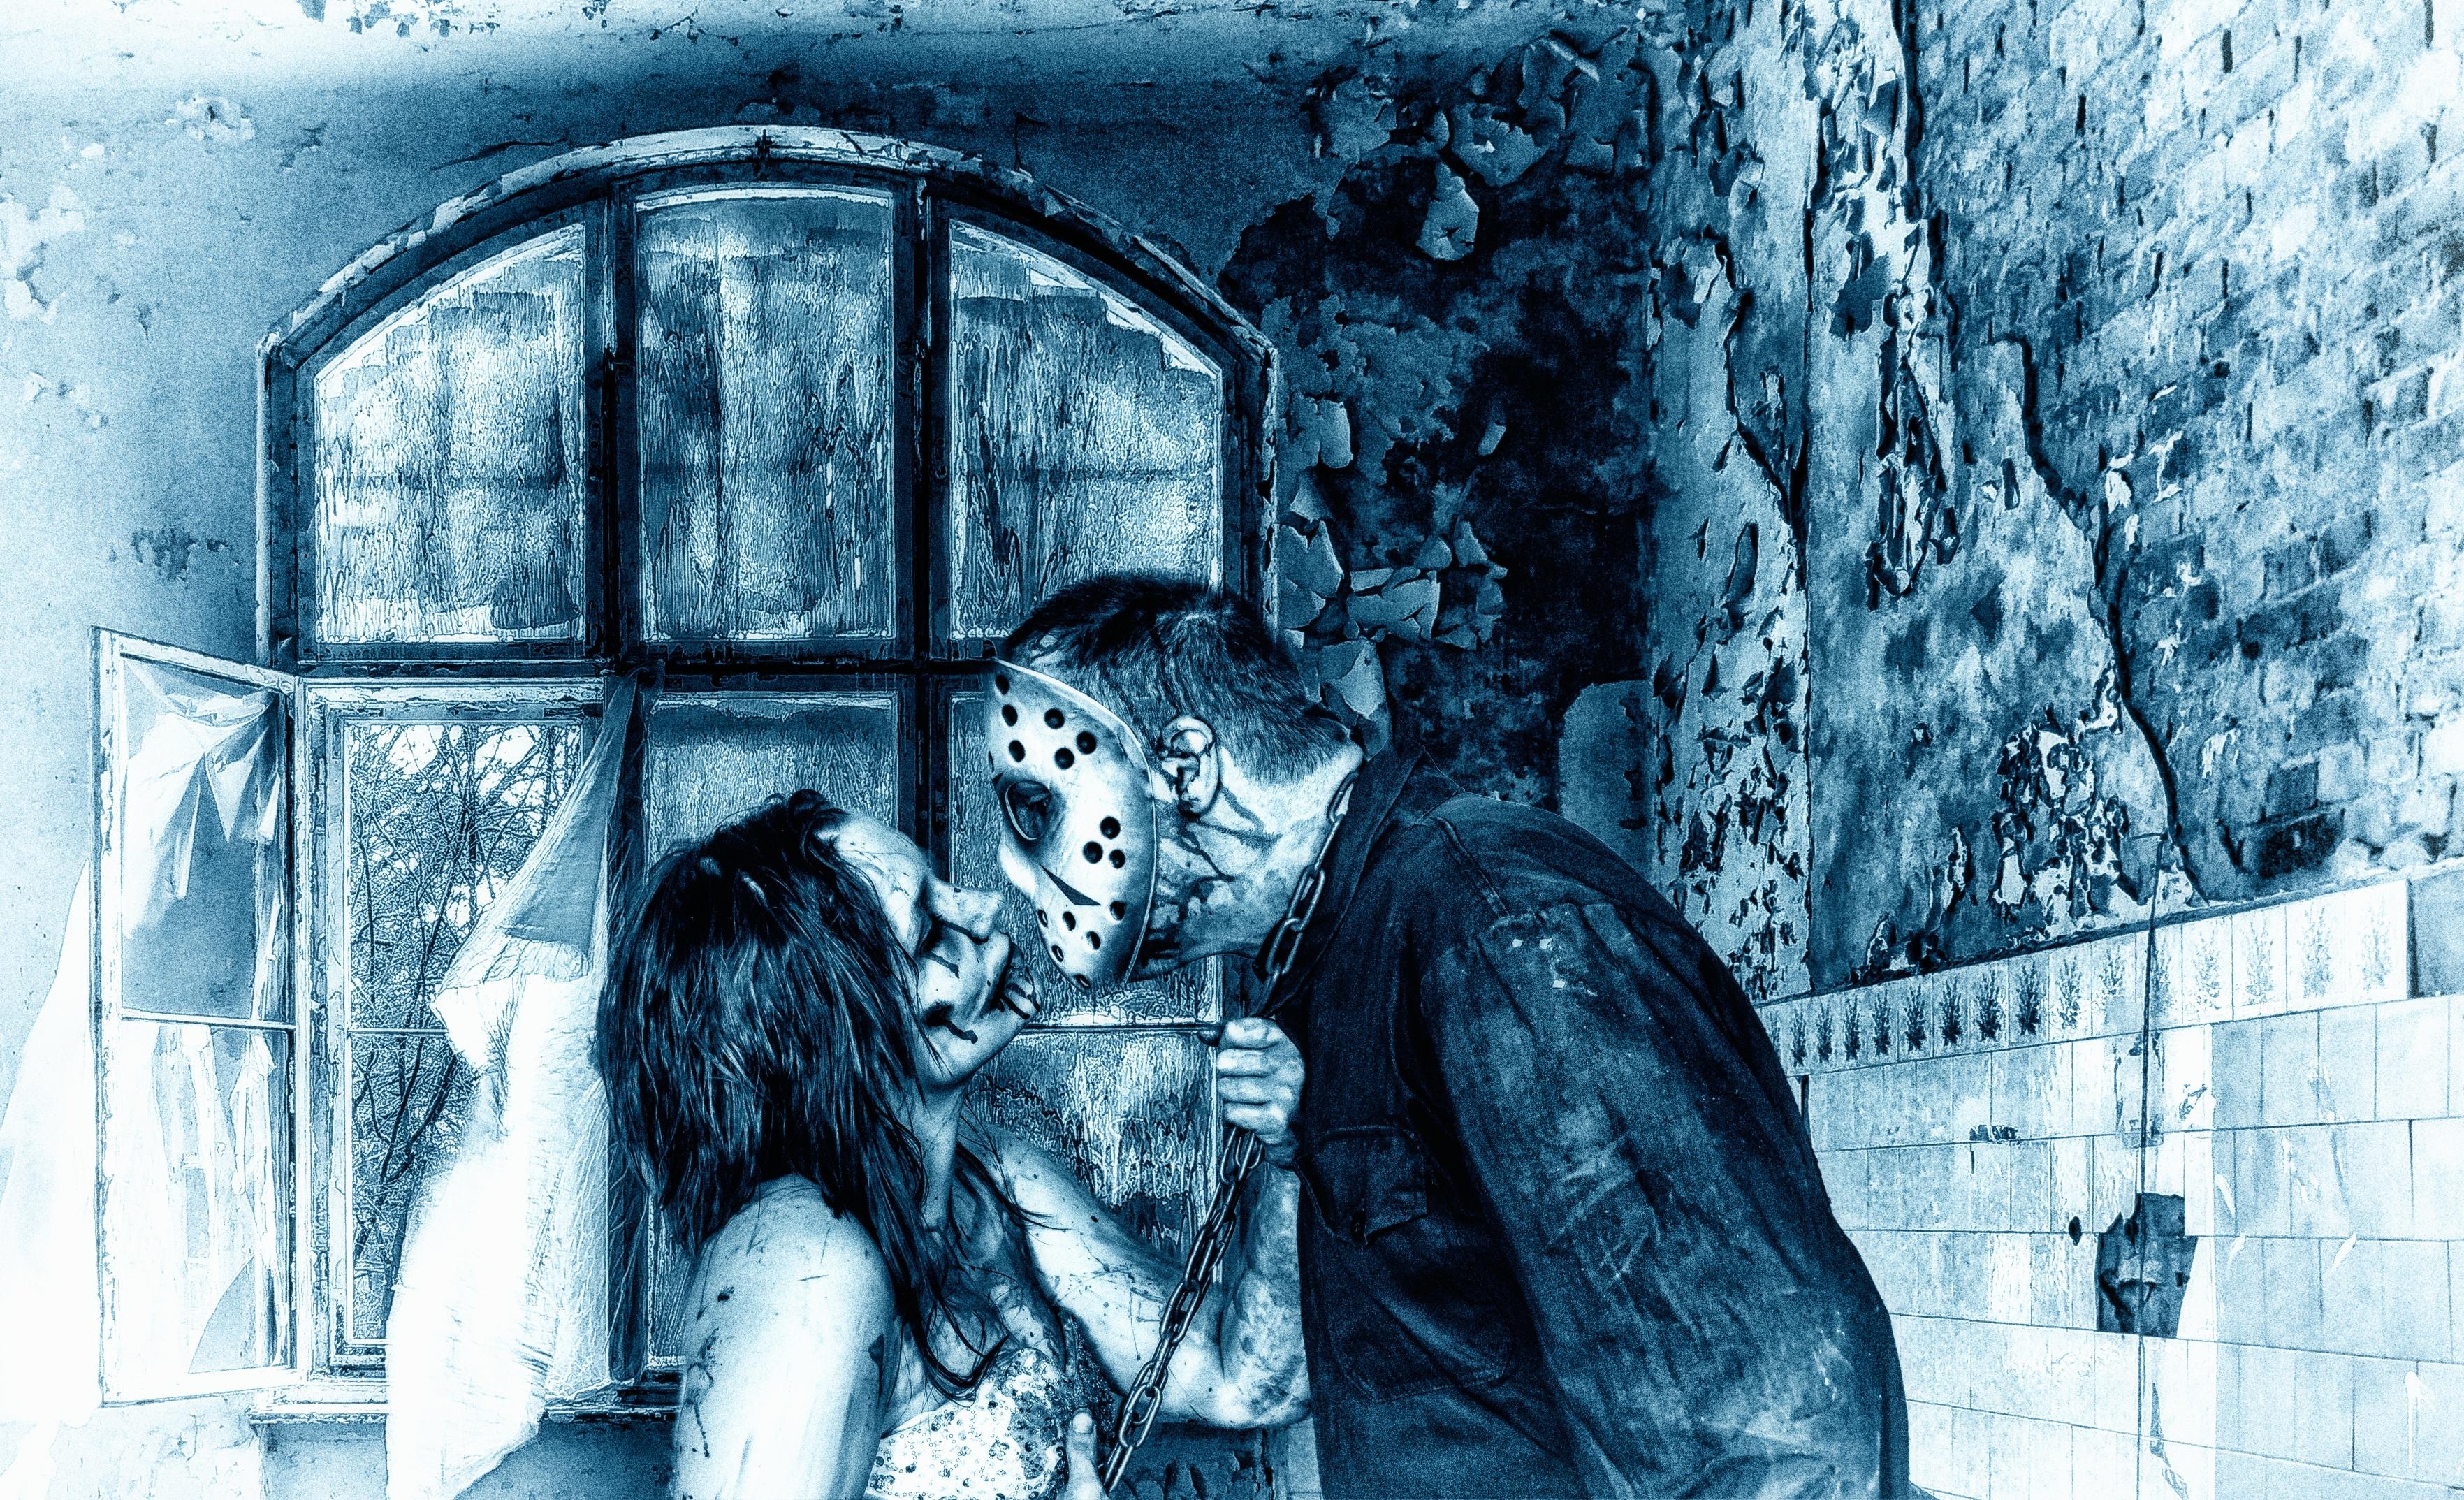 Gambar manusia wanita jendela cinta ciuman sepasang percintaan romantis bersama makanan seni kasih sayang zombie sketsa gambar ilustrasi